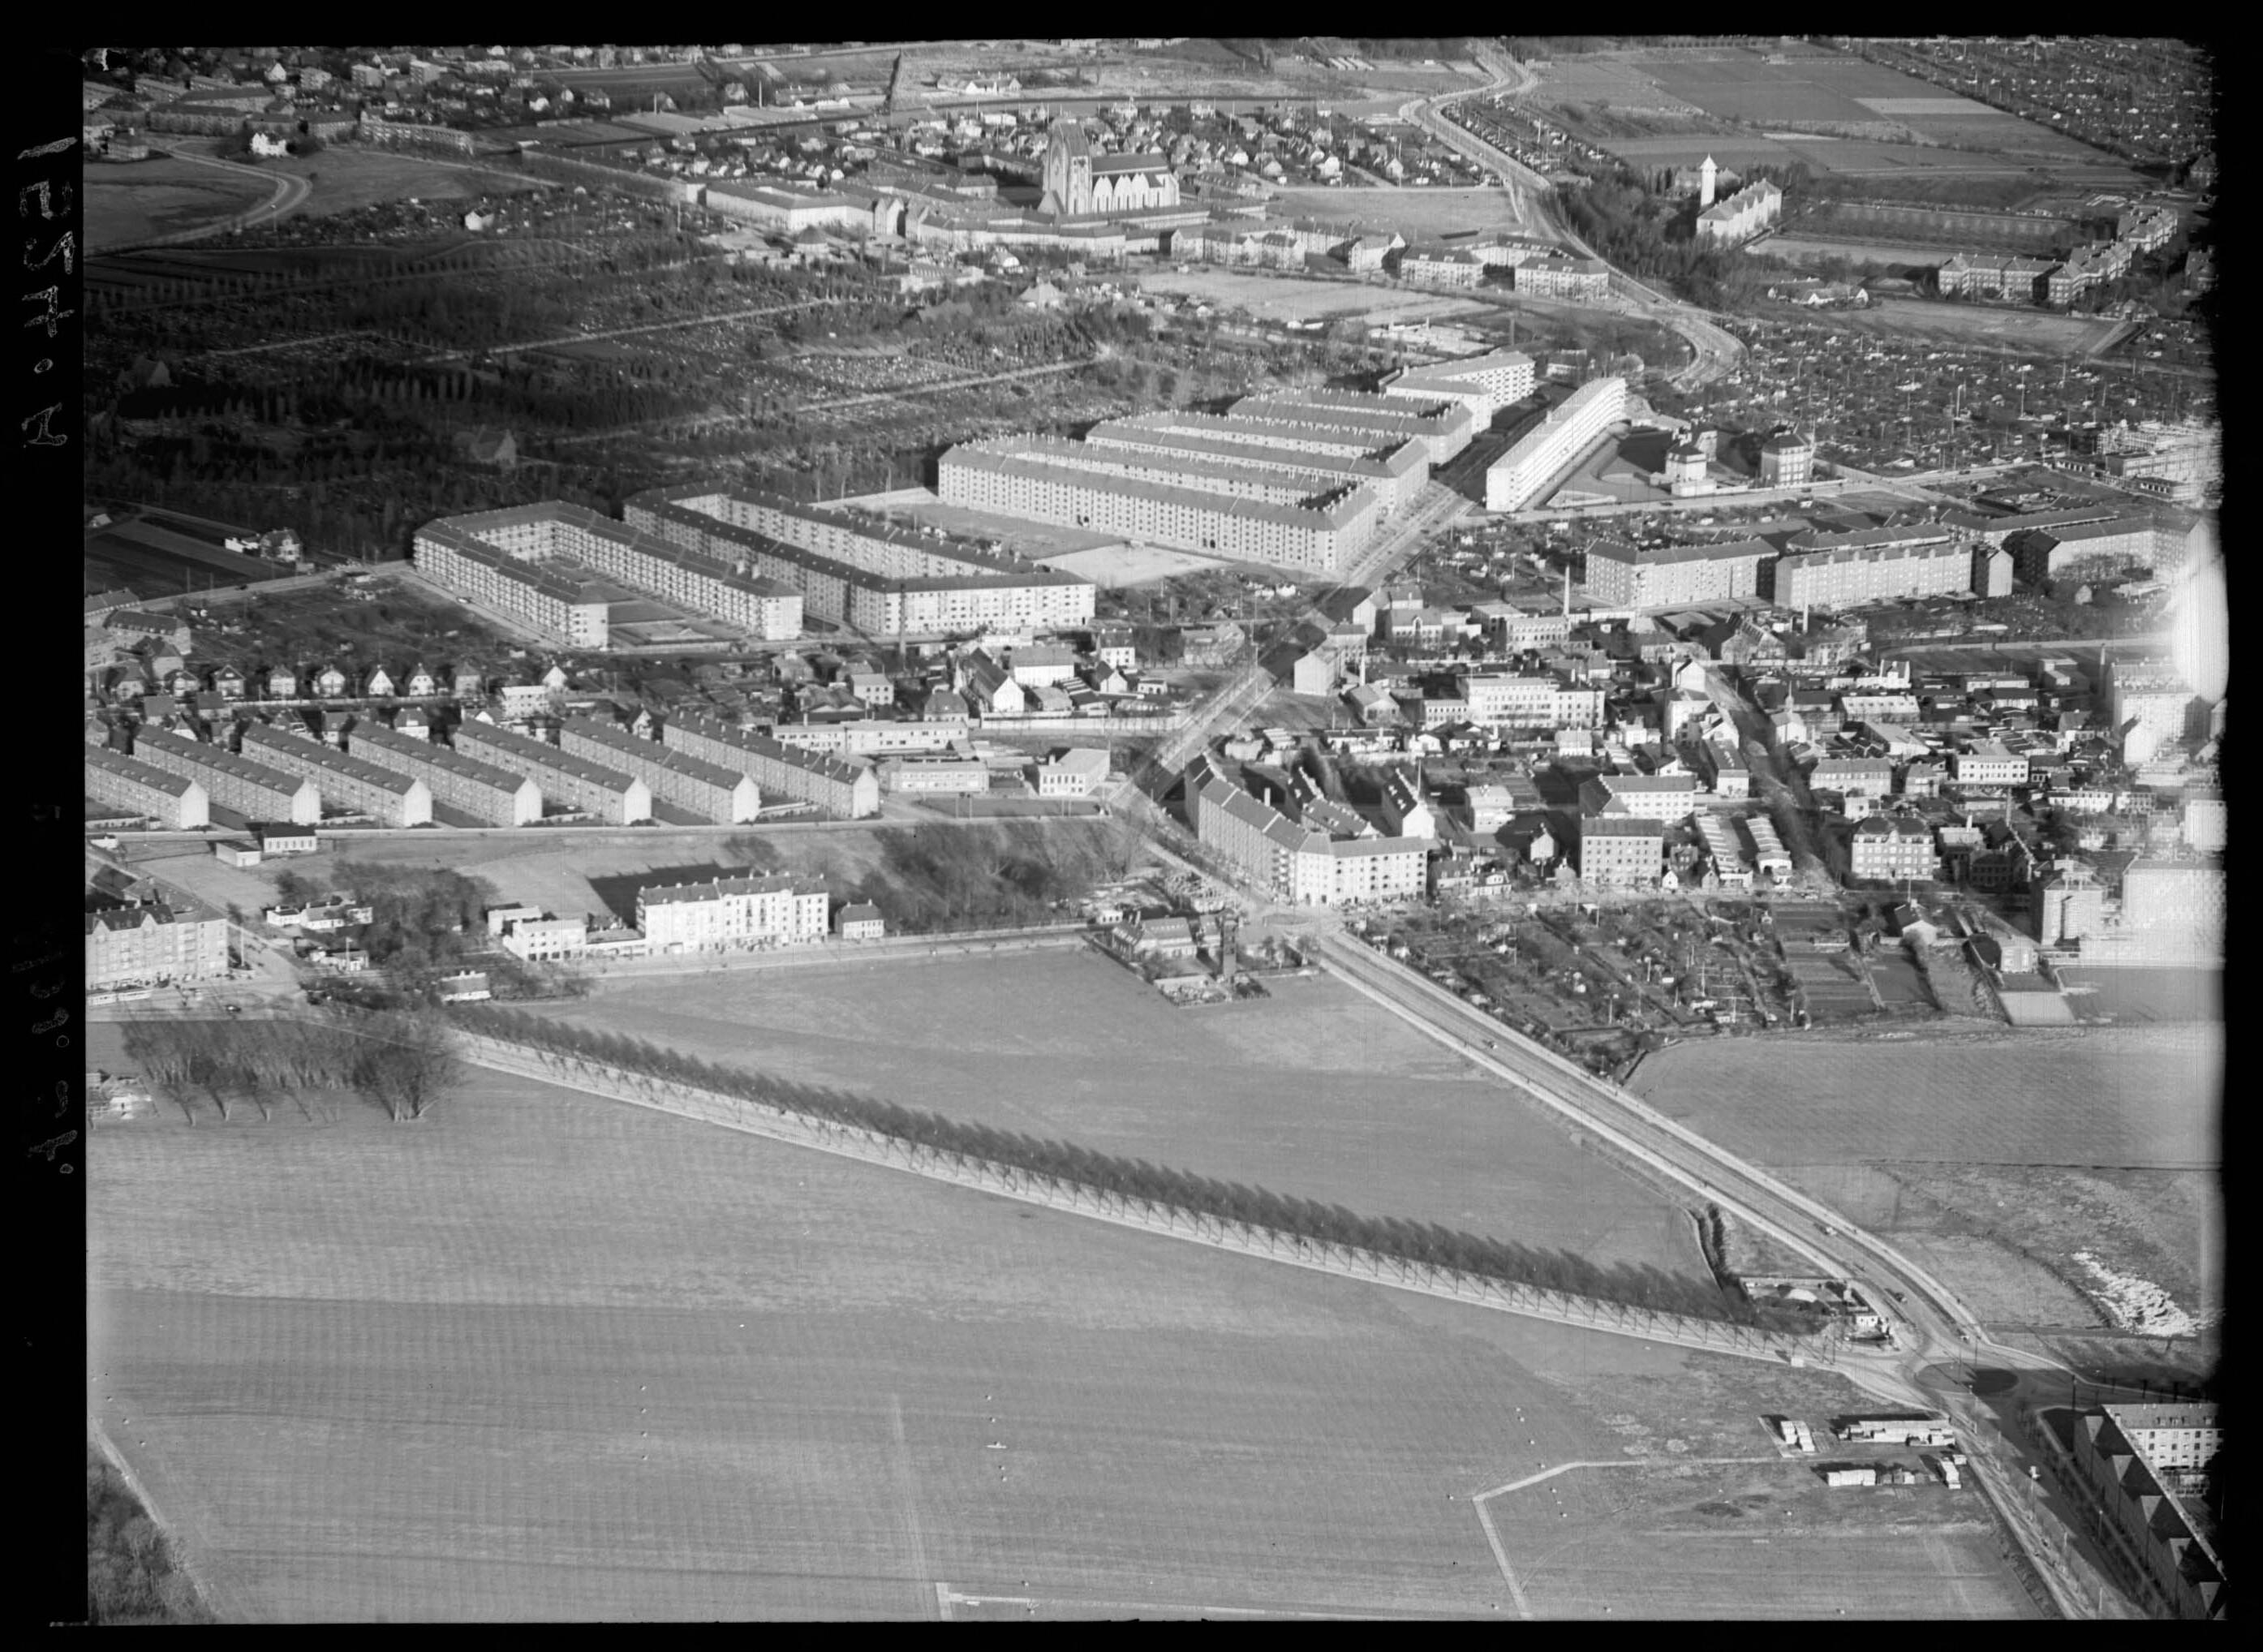 Skråfoto fra 1937 taget 130 meter fra Frederikssundsvej 84A, 3. 1